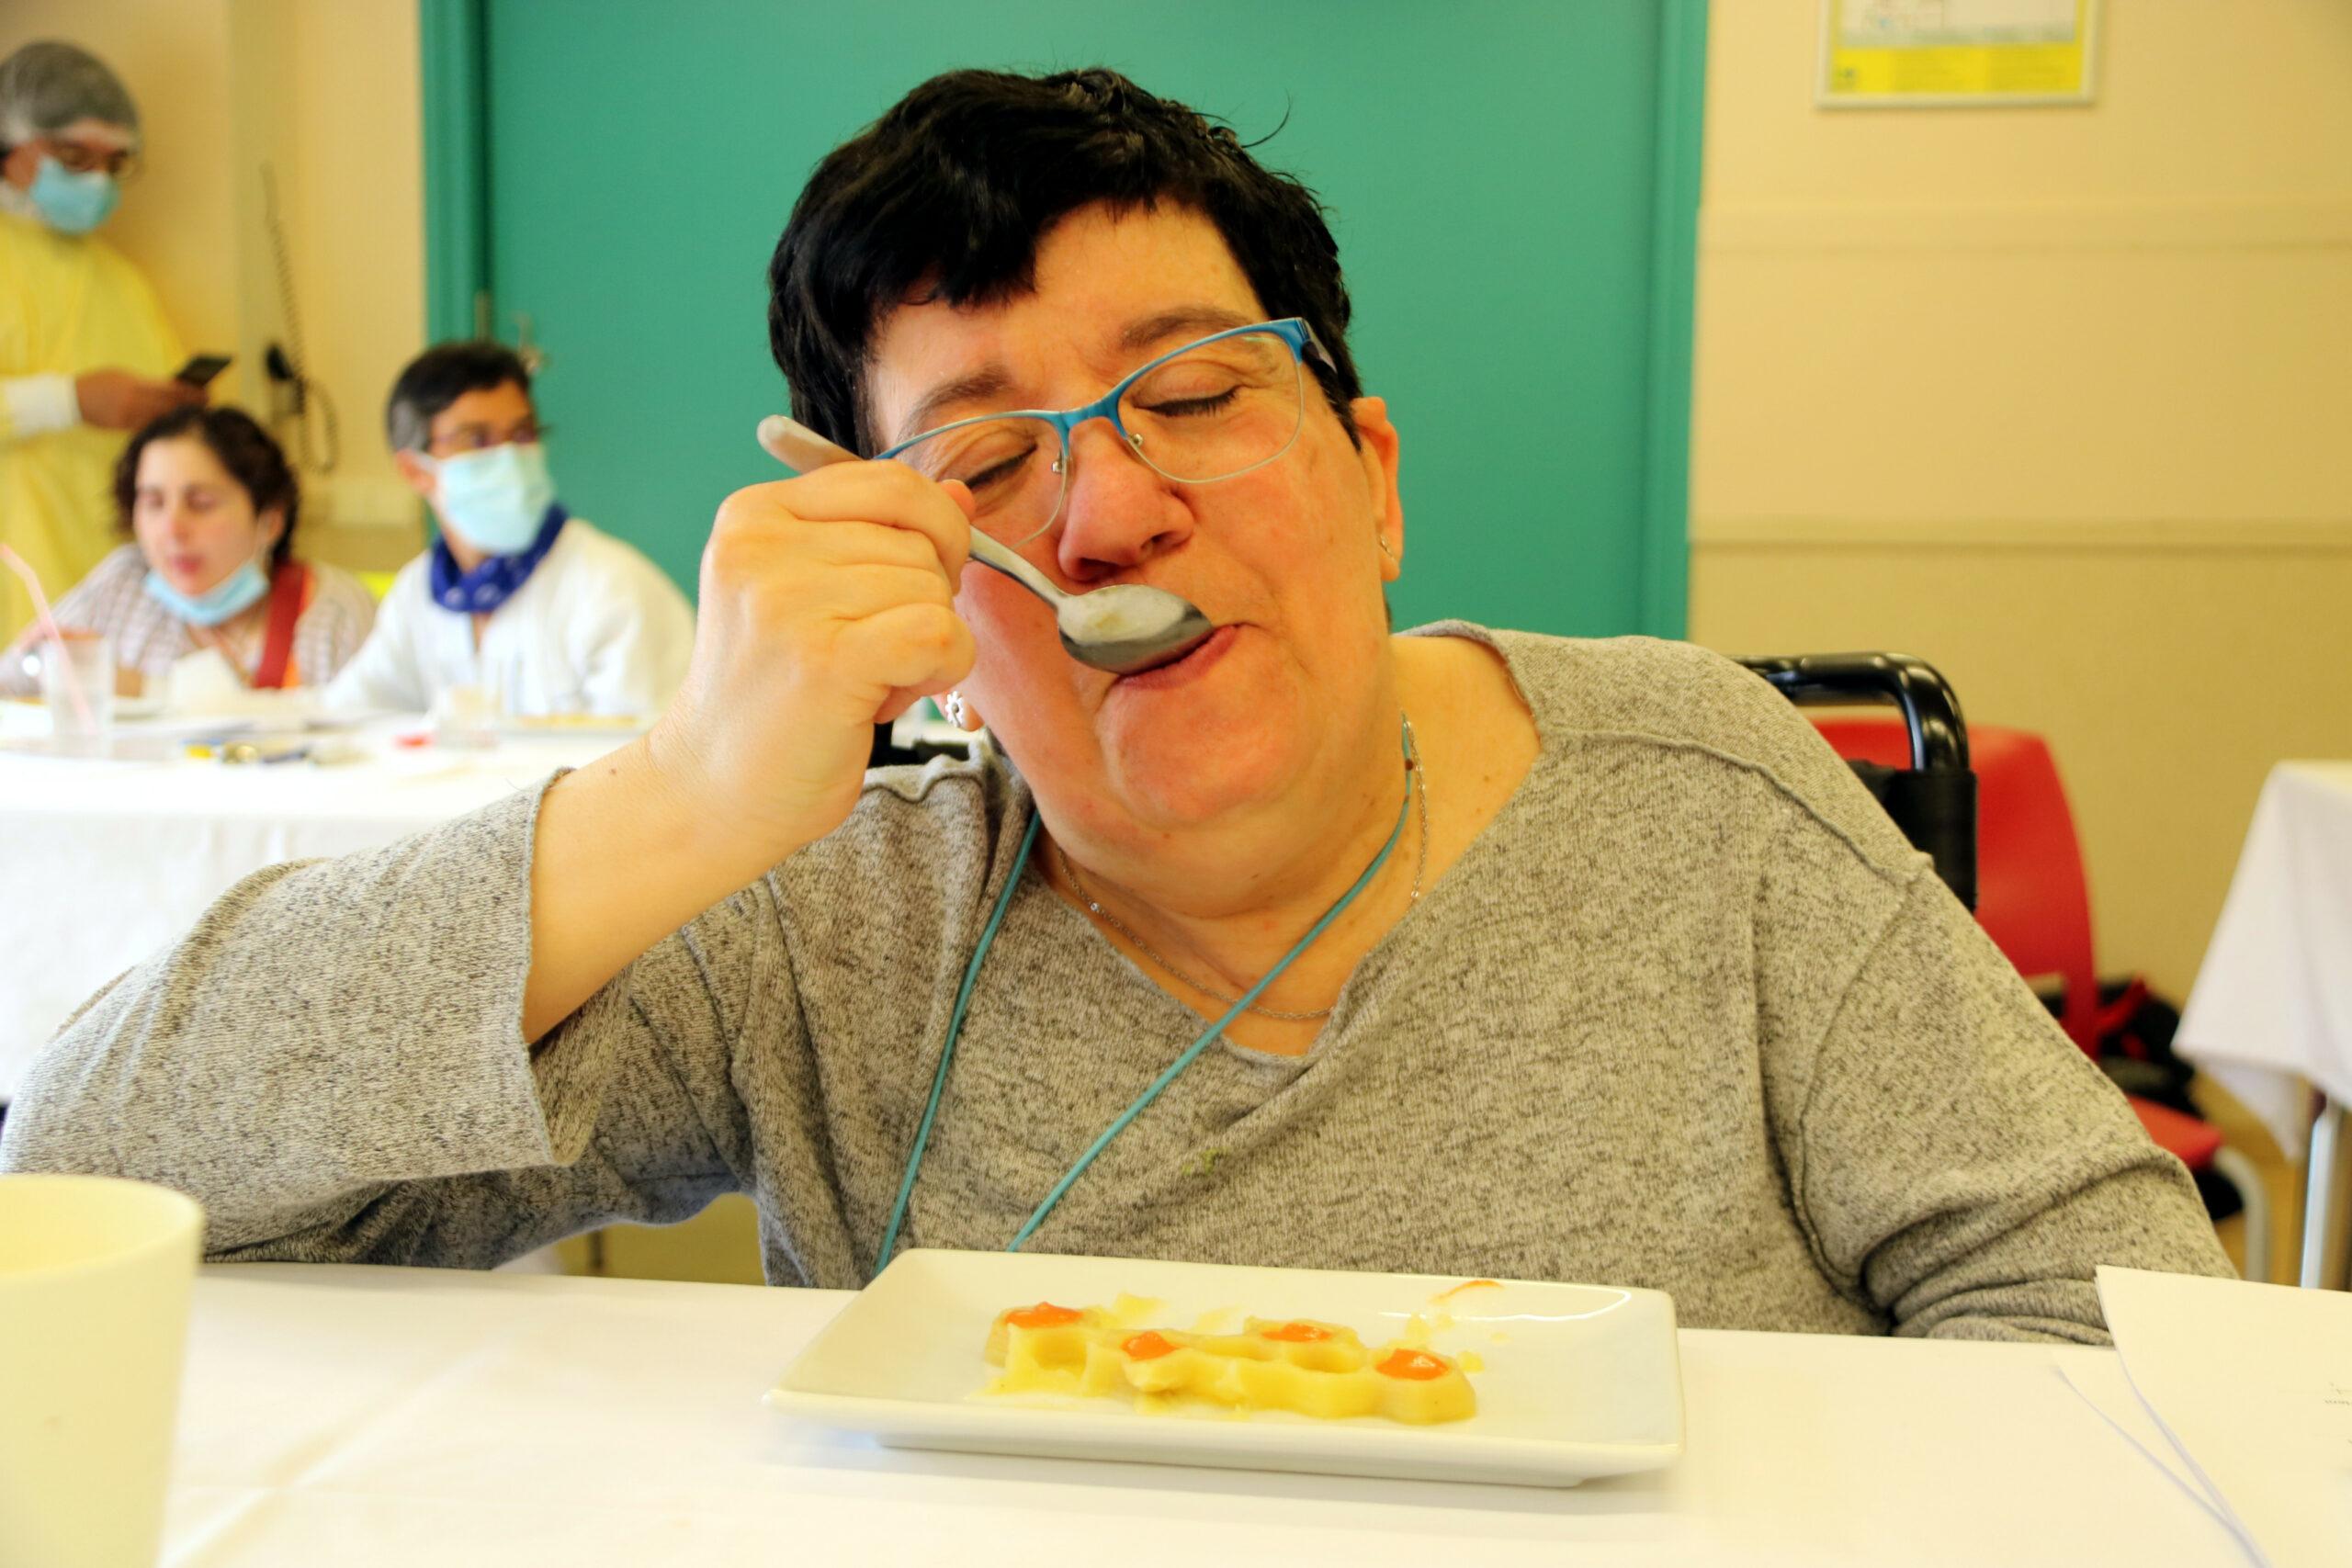 Pla mitjà de la Judit, una de les usuàries del centre de disminuïts físics, tasta un plat de patates braves fet a partir de la tecnologia 3D   ACN